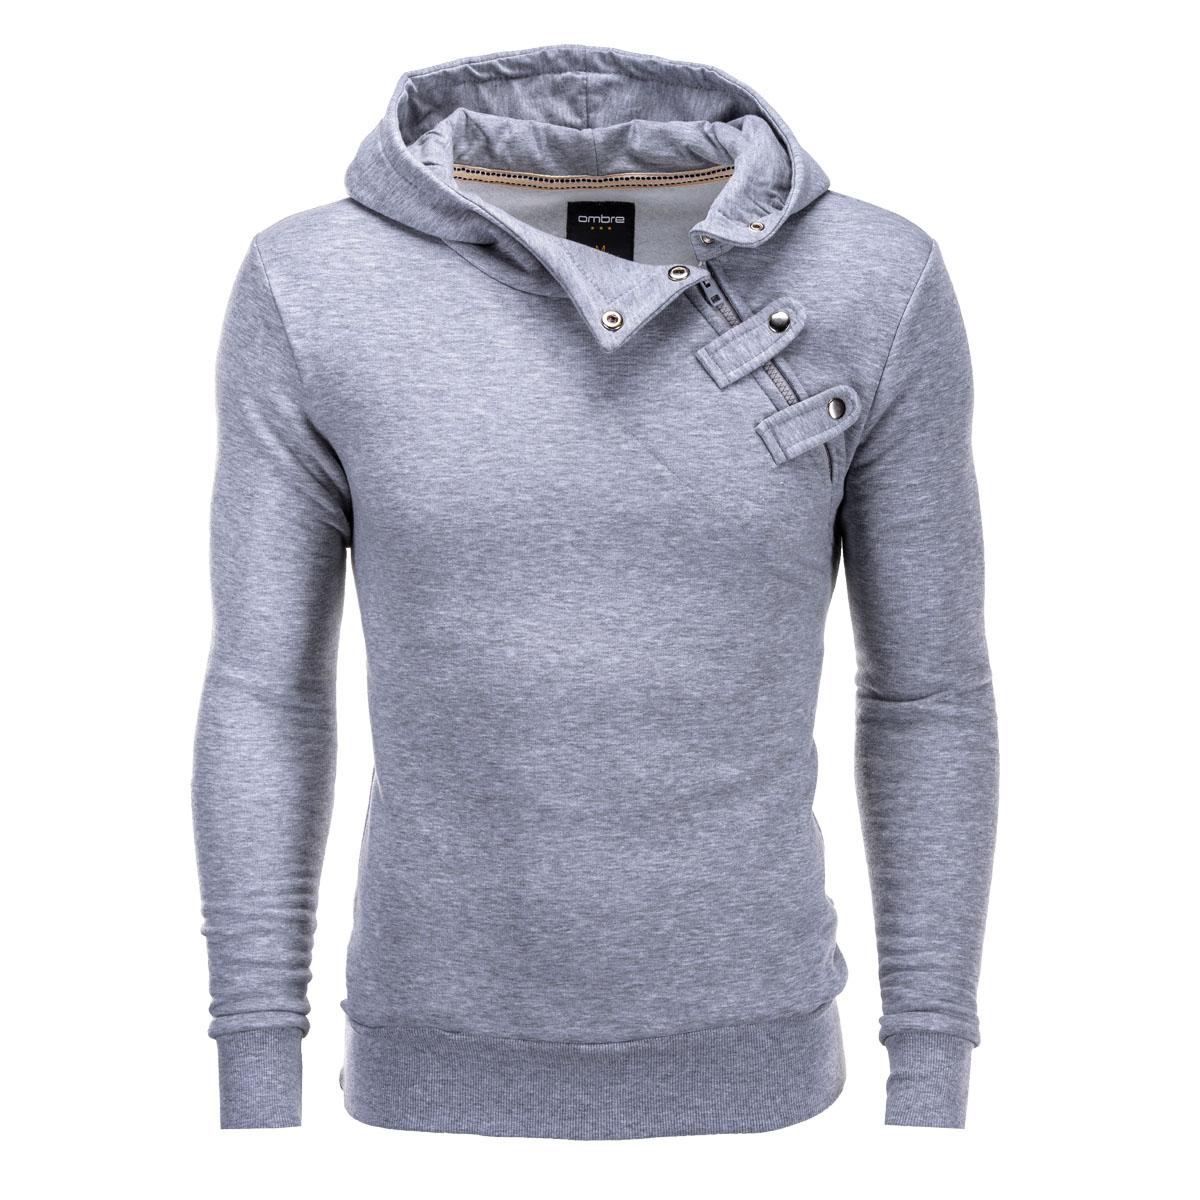 Ombre Clothing Pánska mikina Paco s bočným zipsom šedá - Glami.sk 243bffee28a